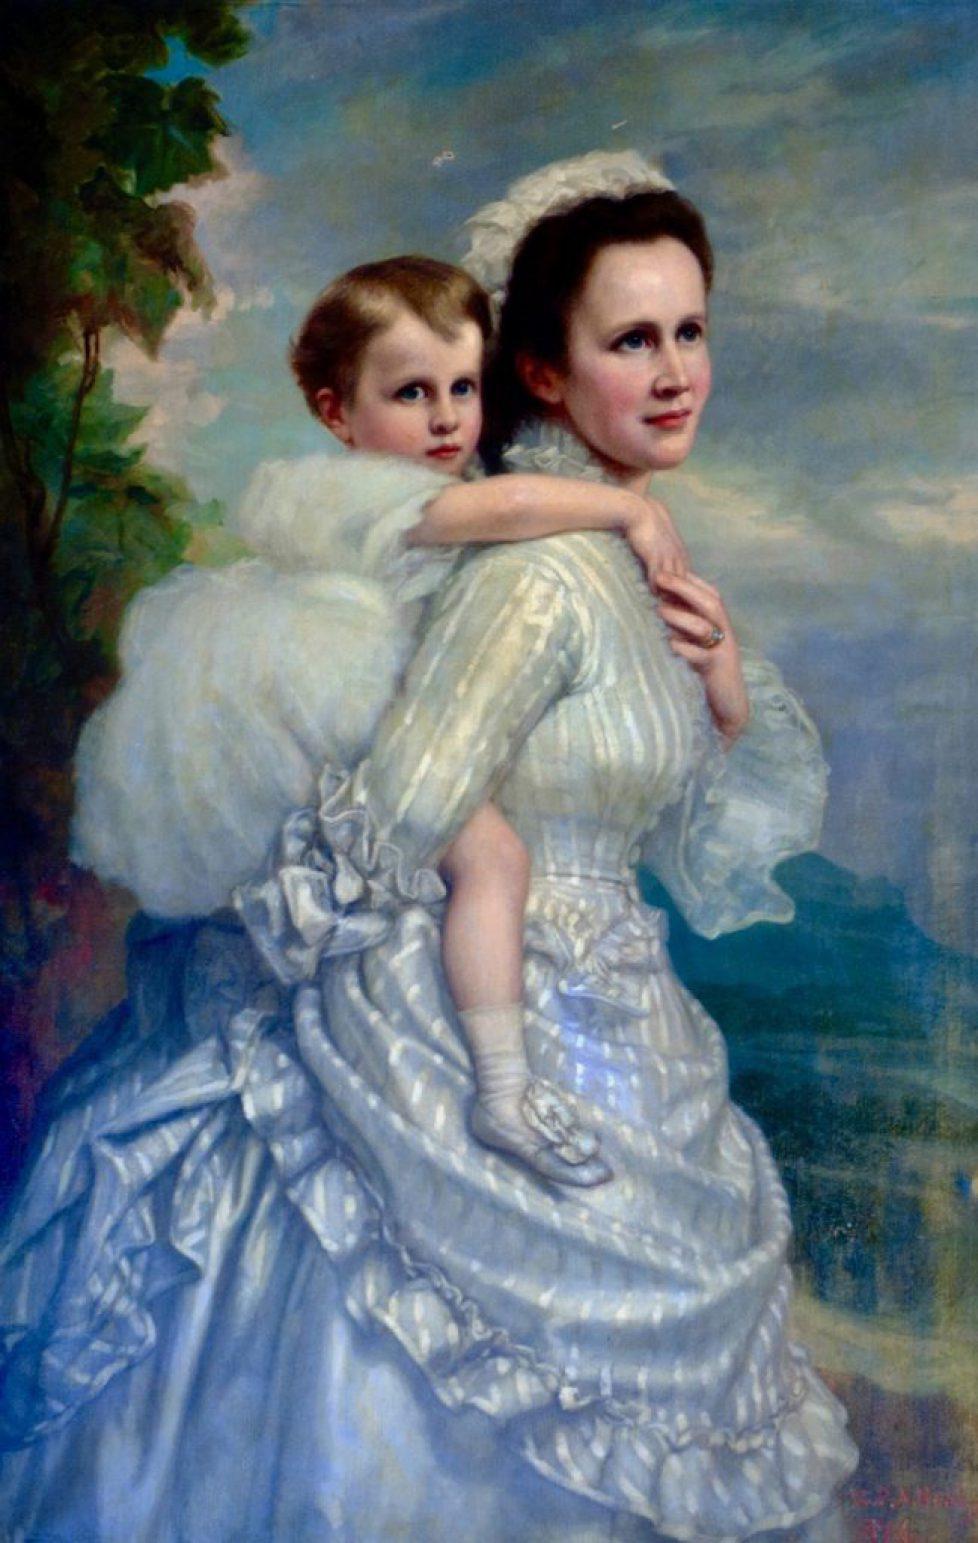 Regina-Elisabeta-a-Romaniei-si-Principesa-Maria-pictura-in-ulei-de-GPA-Healy